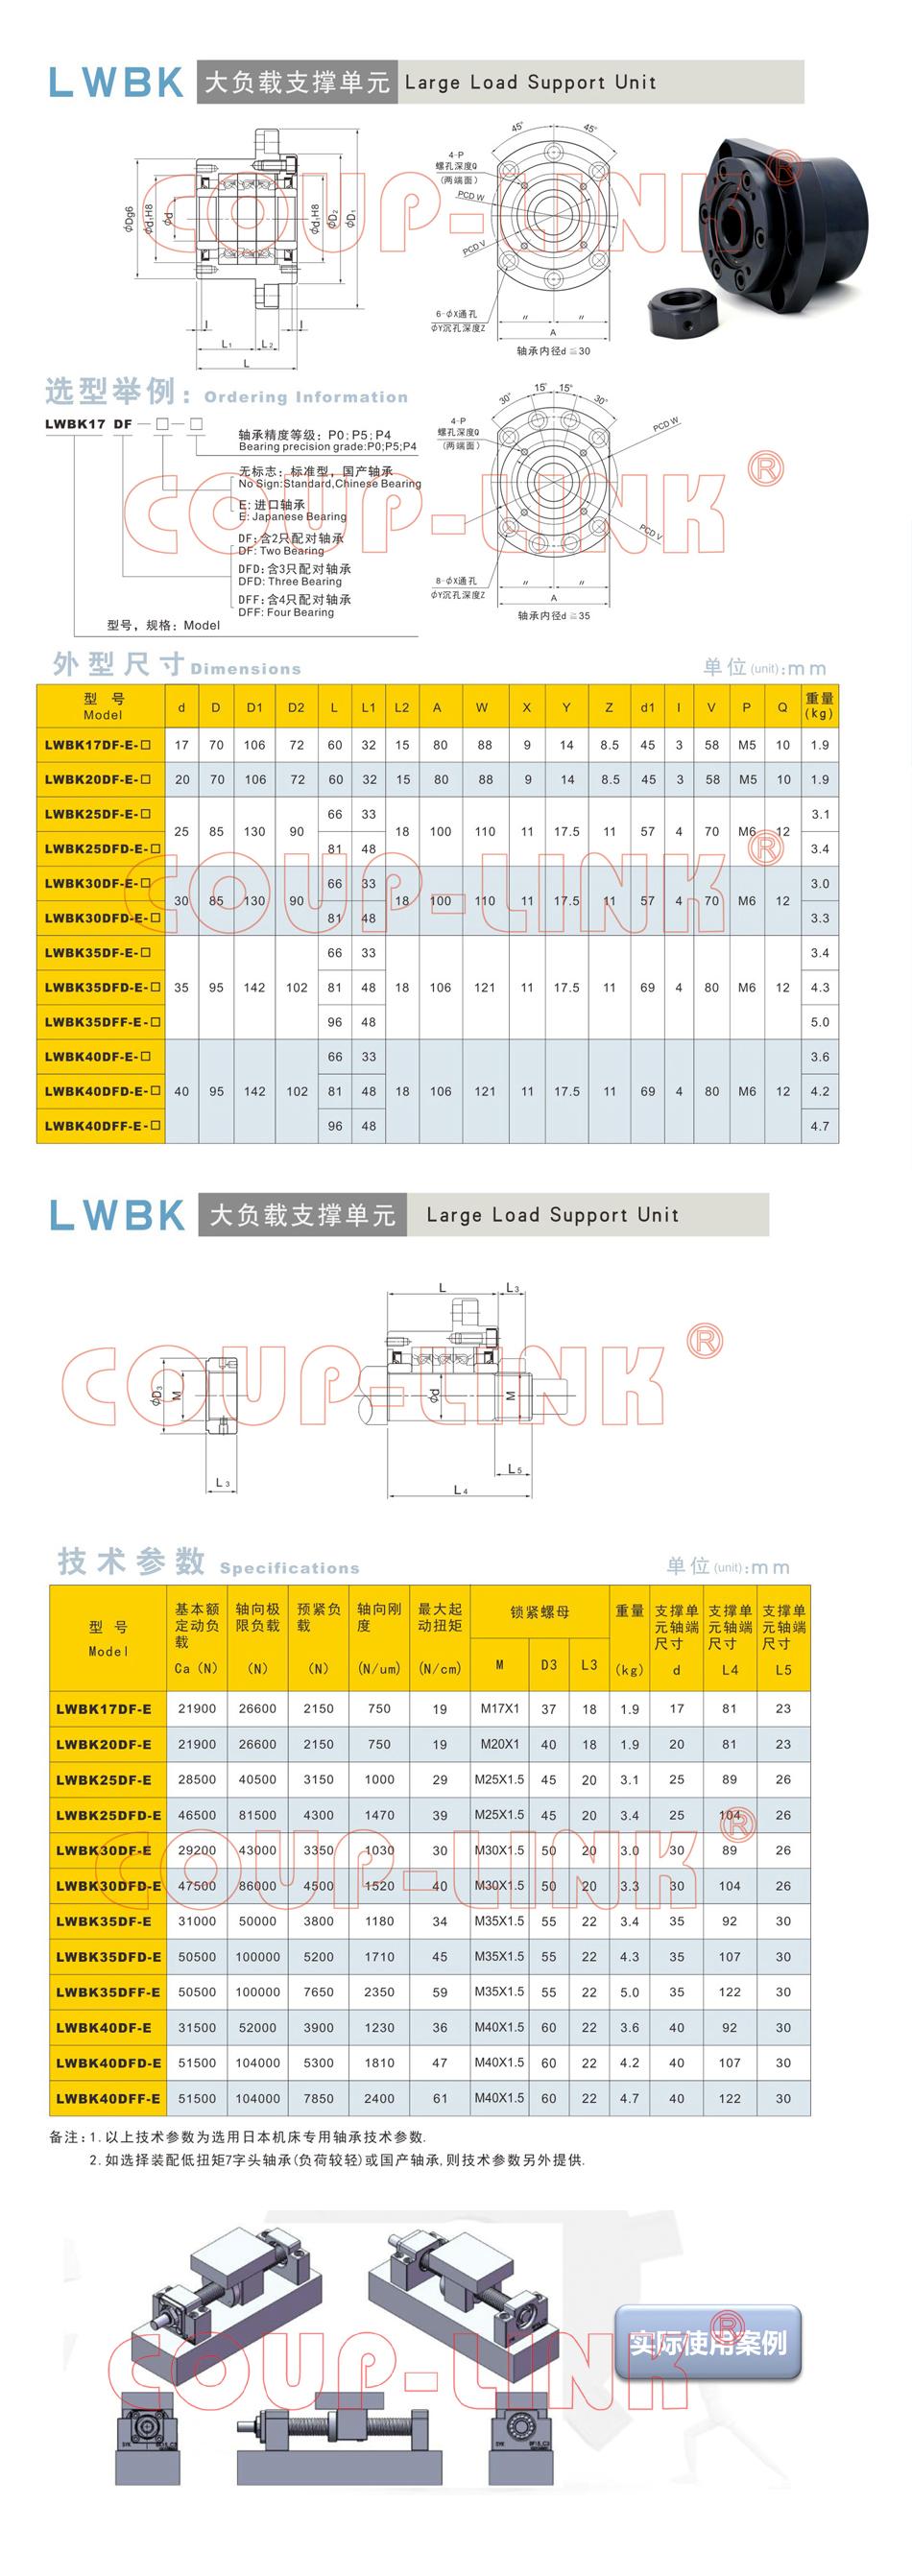 LWBK 大負載支撐單元_老子有钱app種類-廣州老子有钱自動化設備有限公司